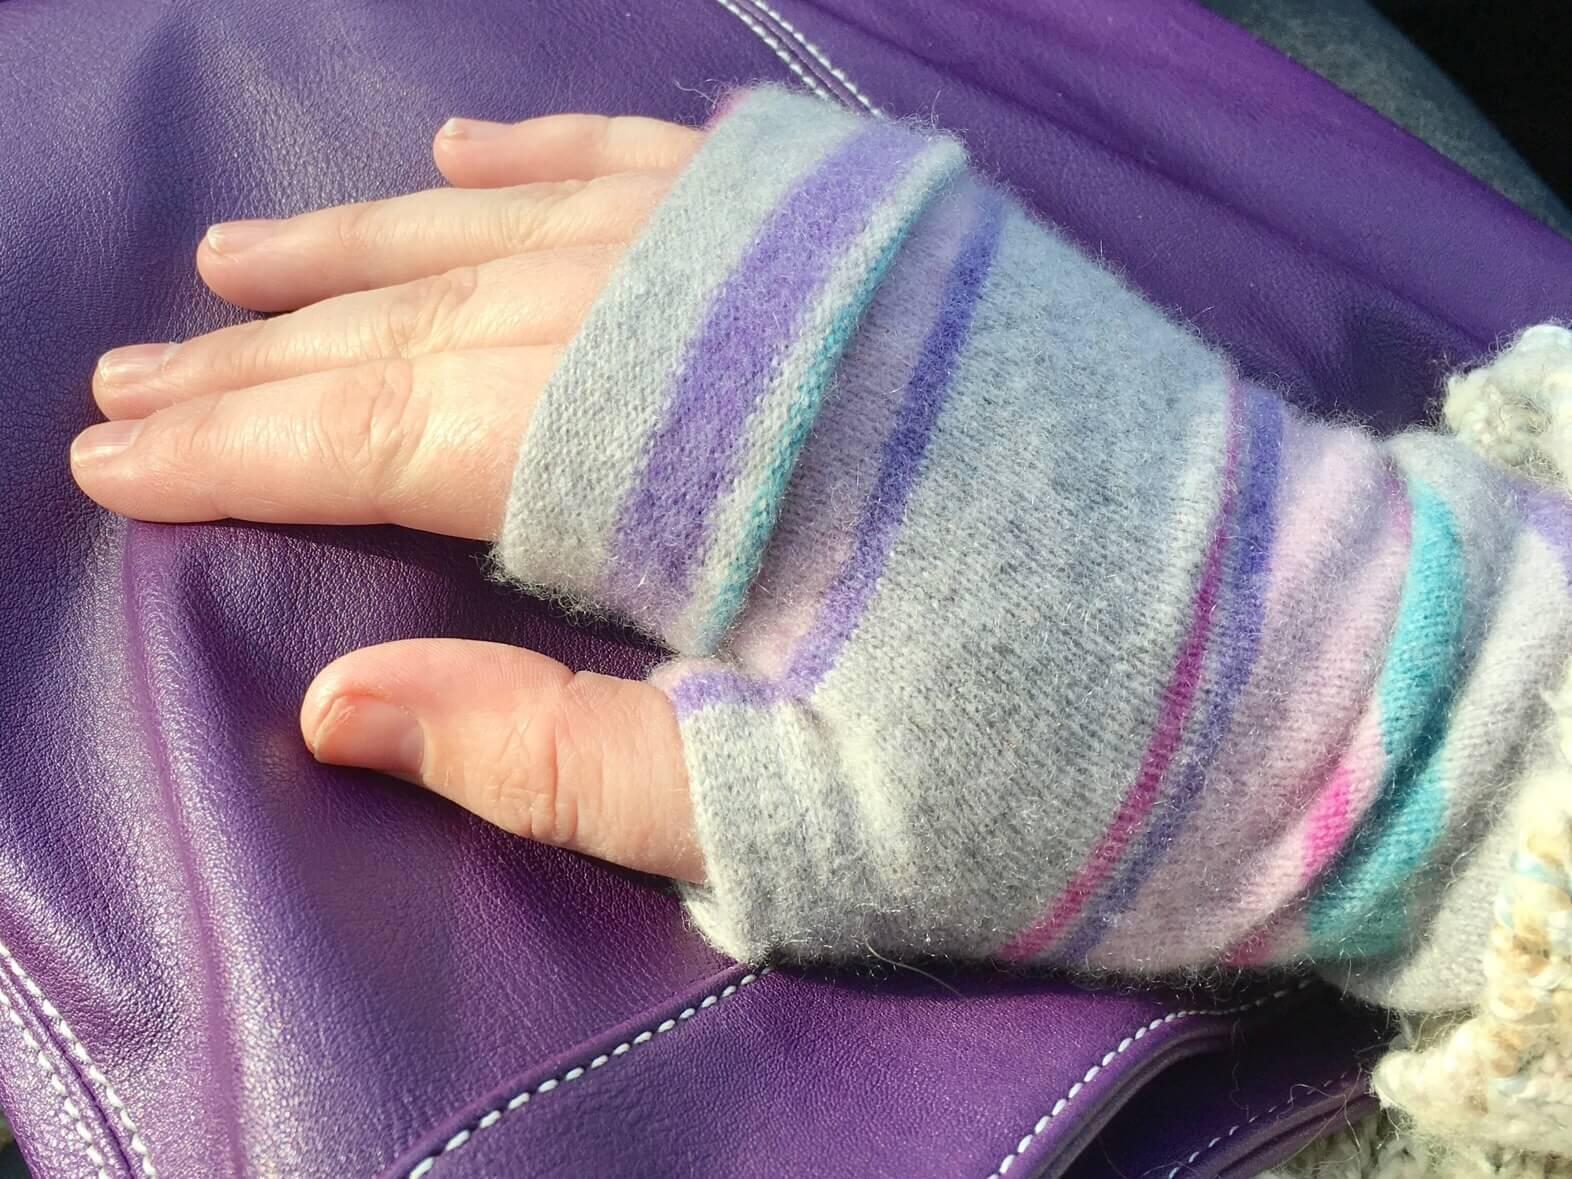 Fingerless gloves asda - Review Turtle Doves Fingerless Gloves